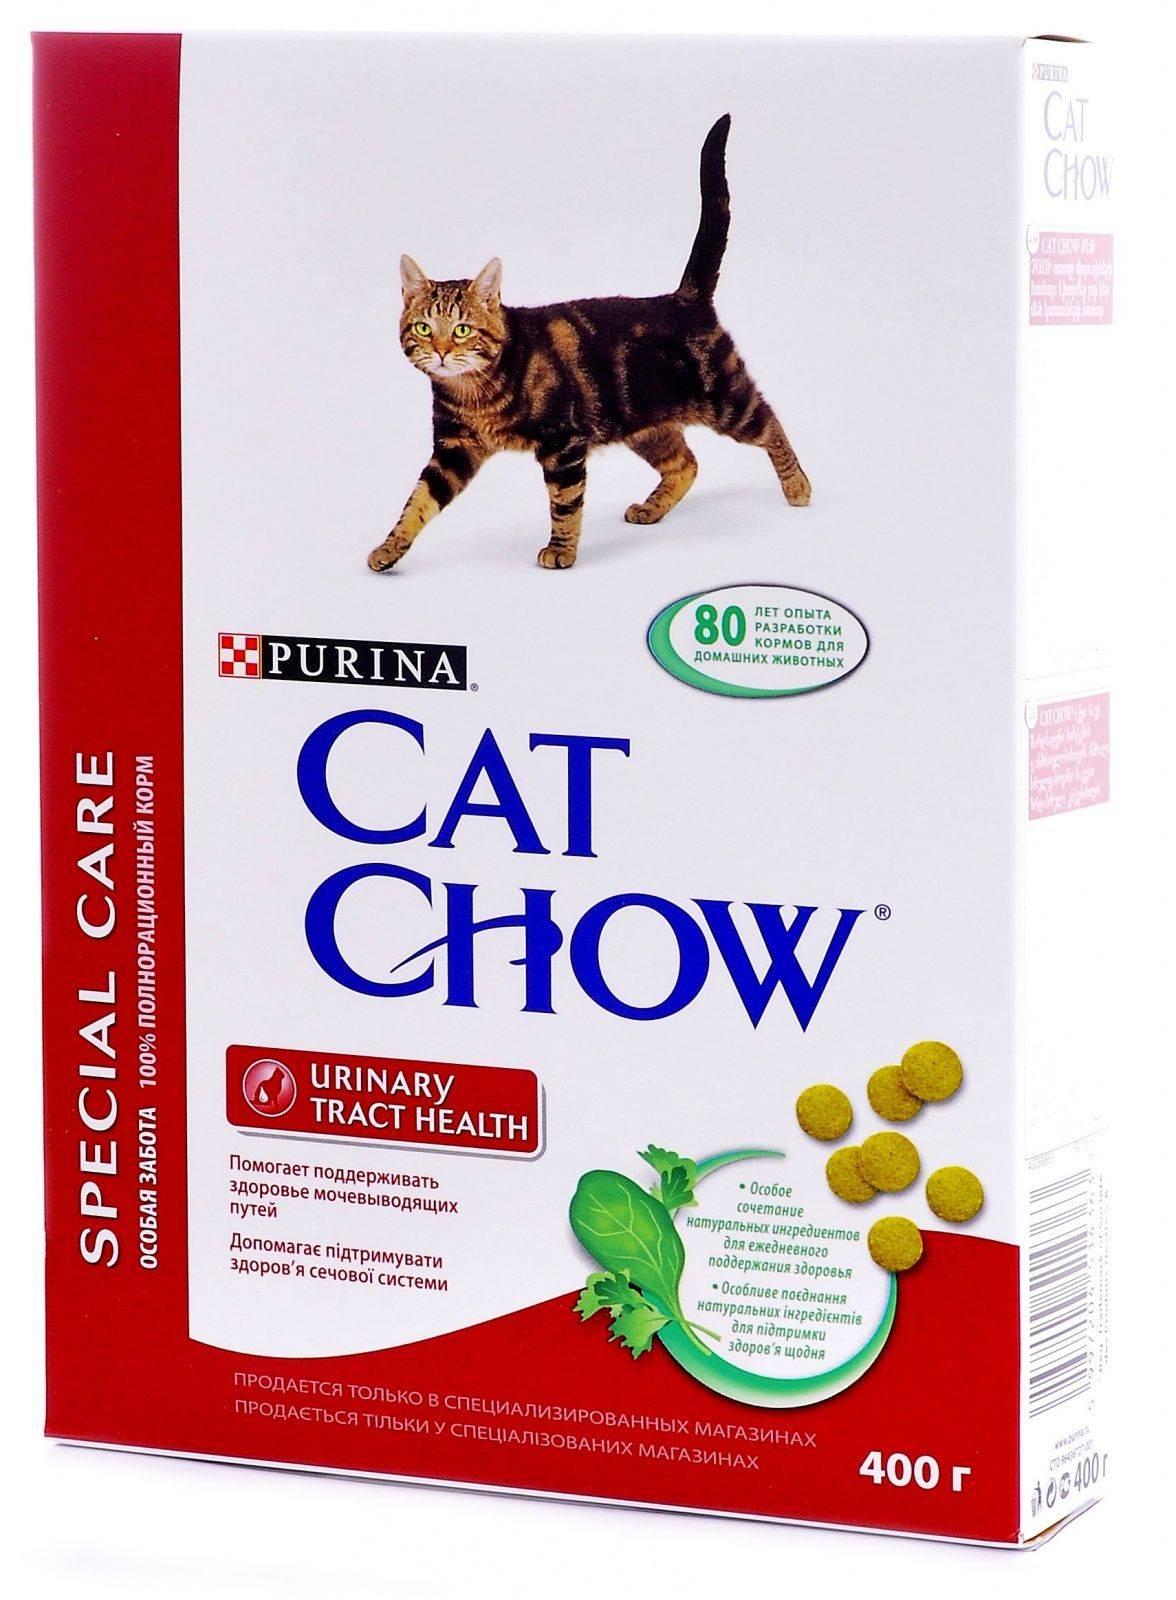 Питание кошек при мочекаменной болезни | наши лучшие друзья